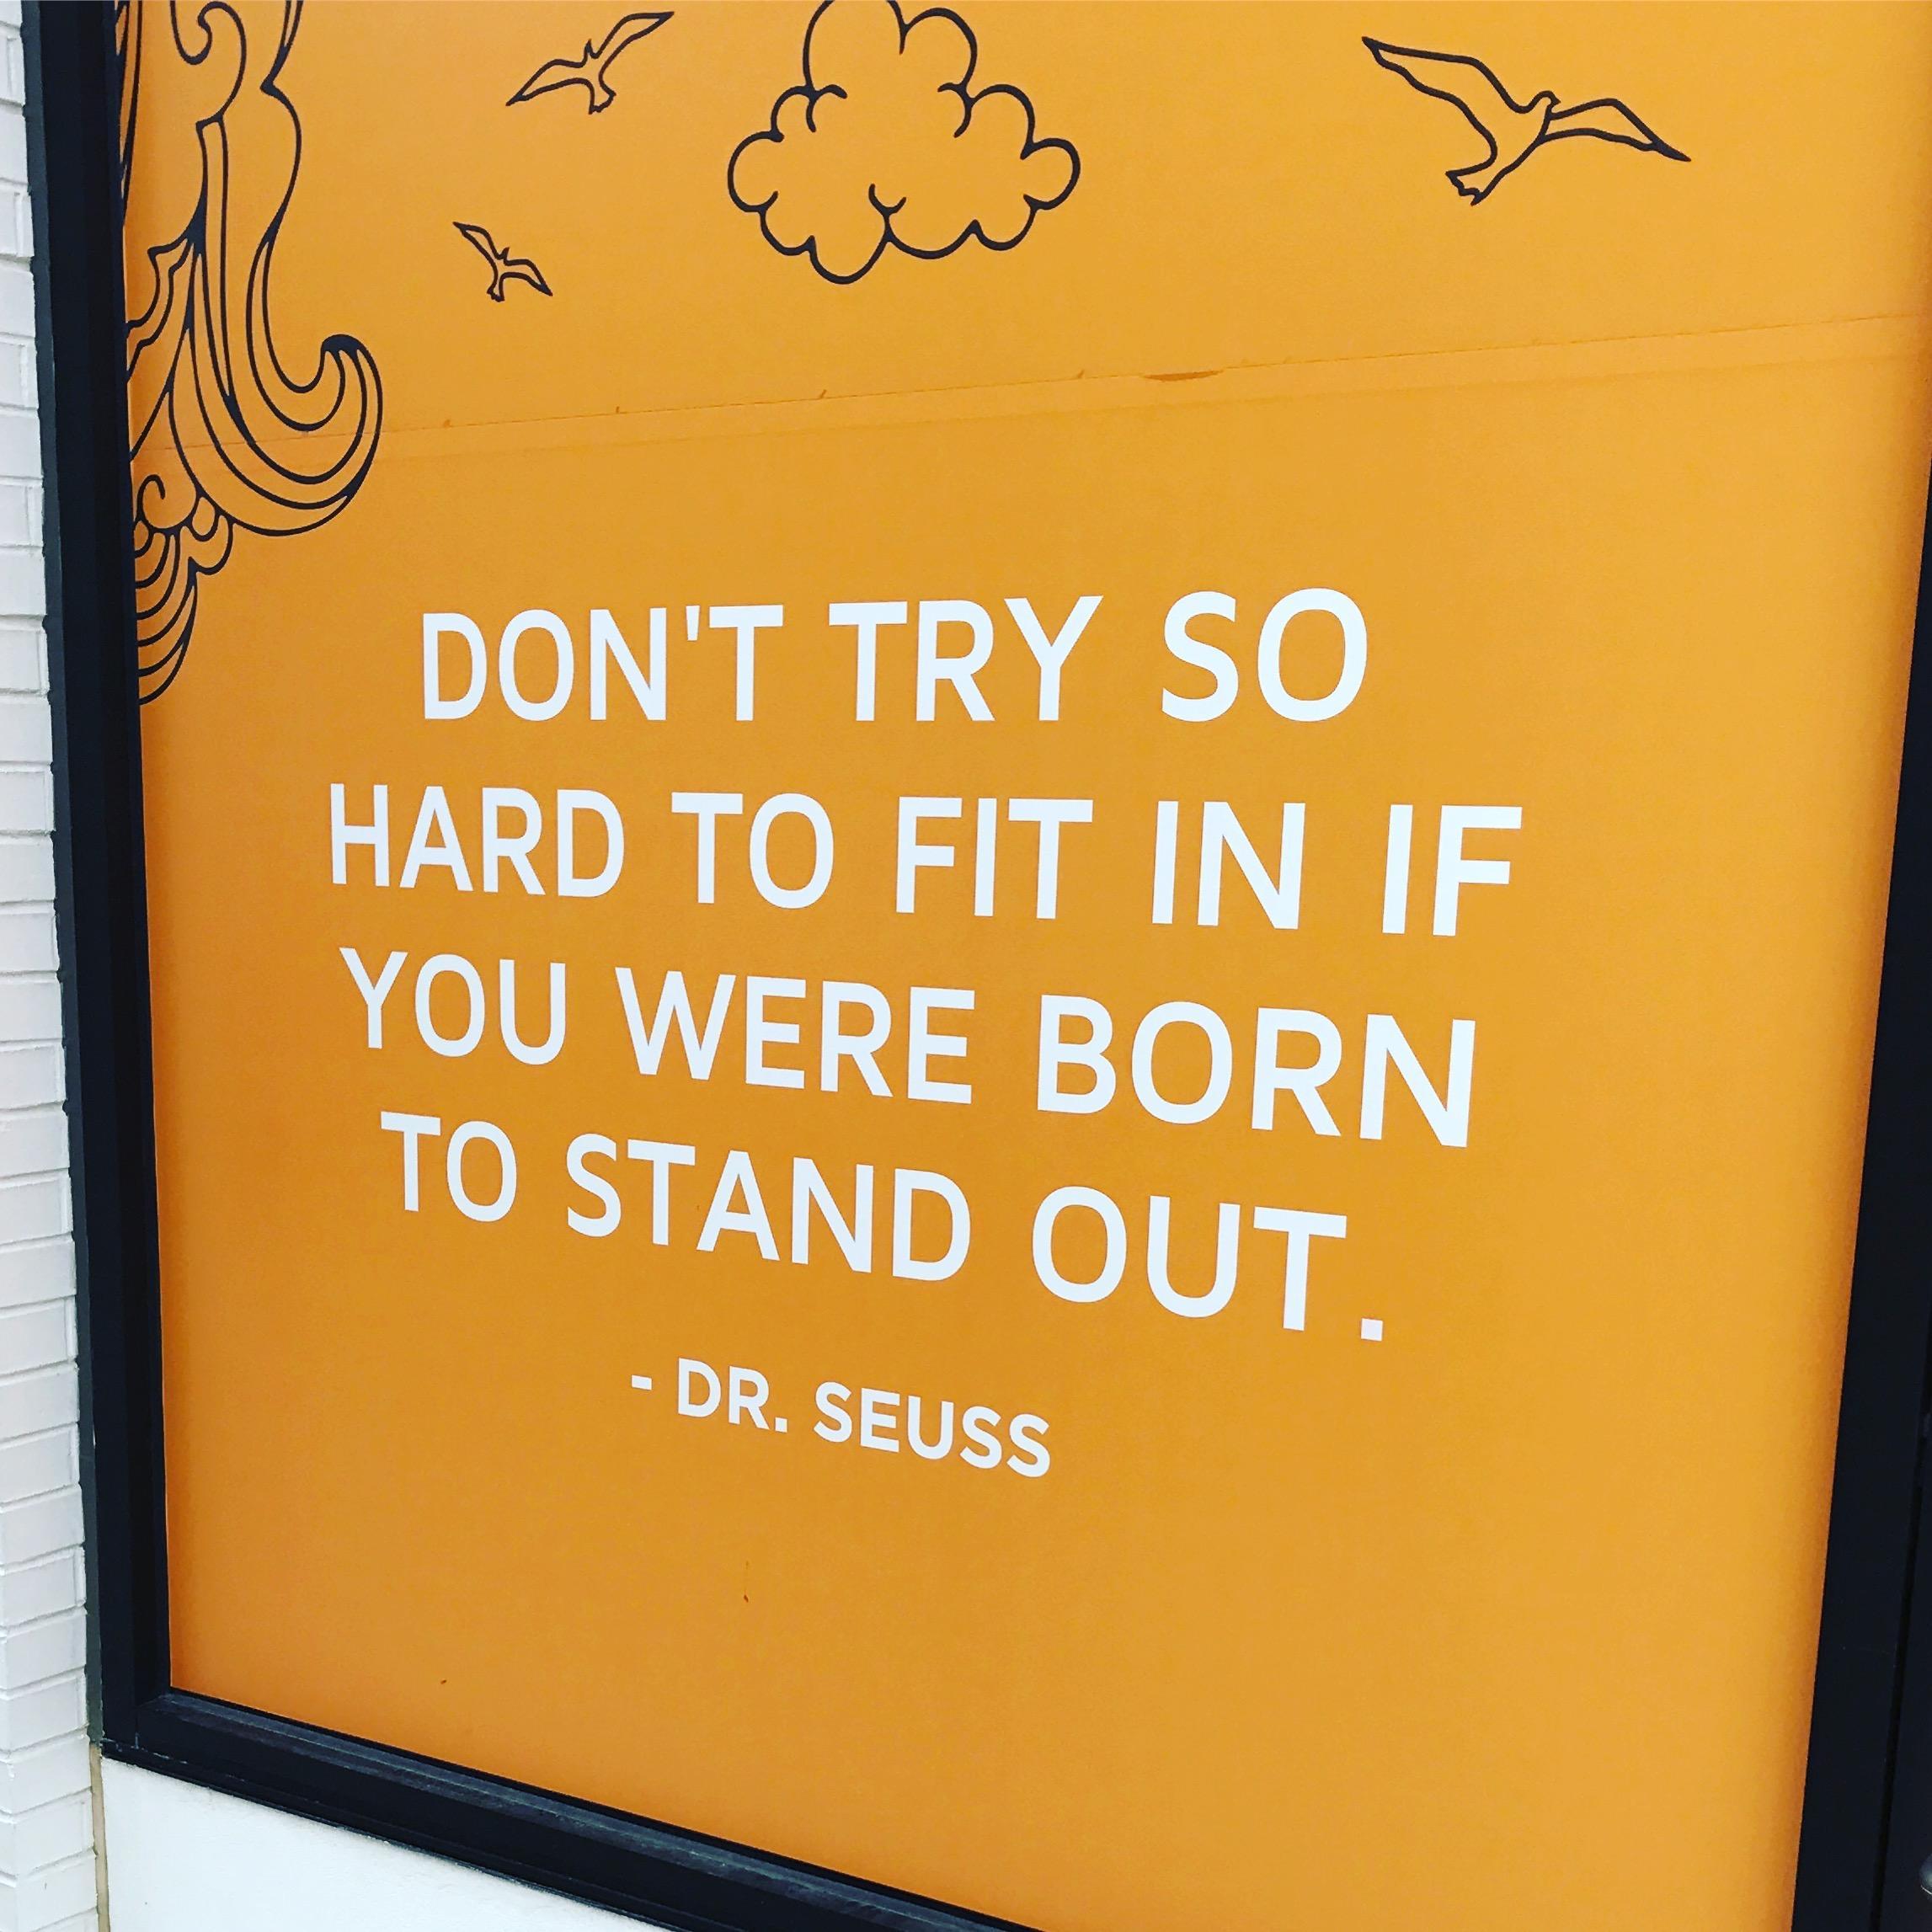 [Image] Dr. Seuss Wisdom